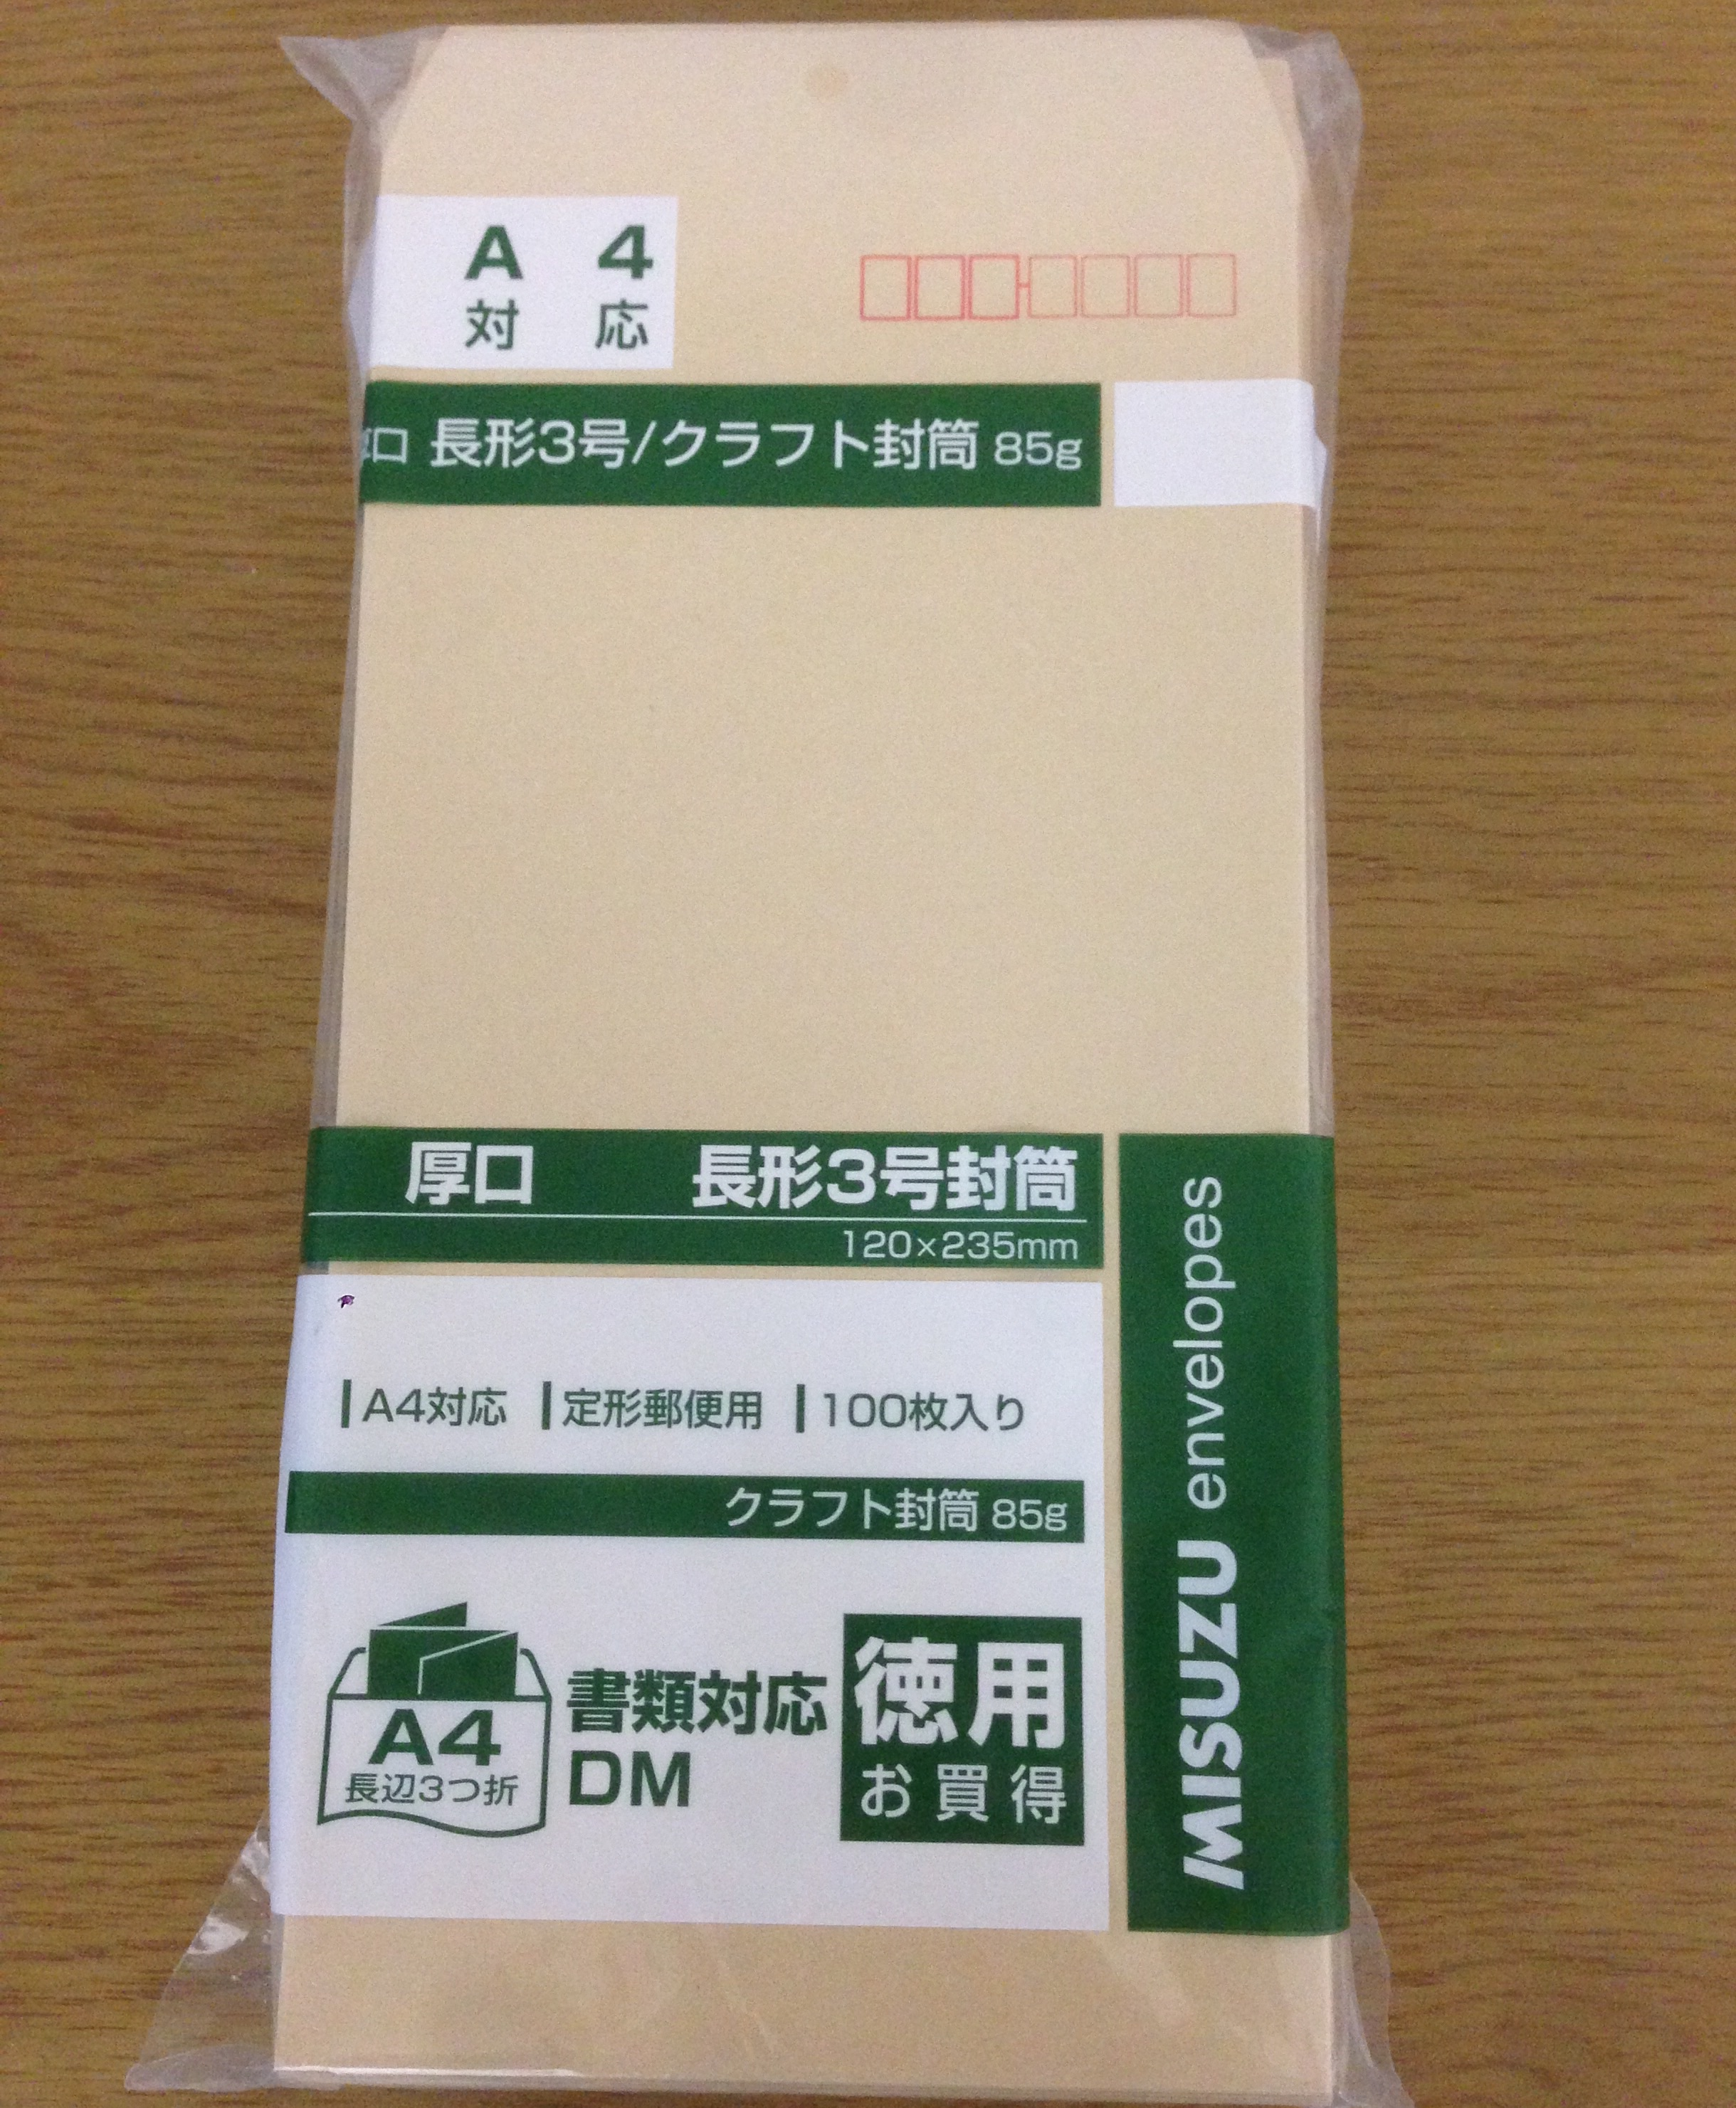 ヤフオクやメルカリで売れた商品は普通郵便(定形郵便・定形外 ...